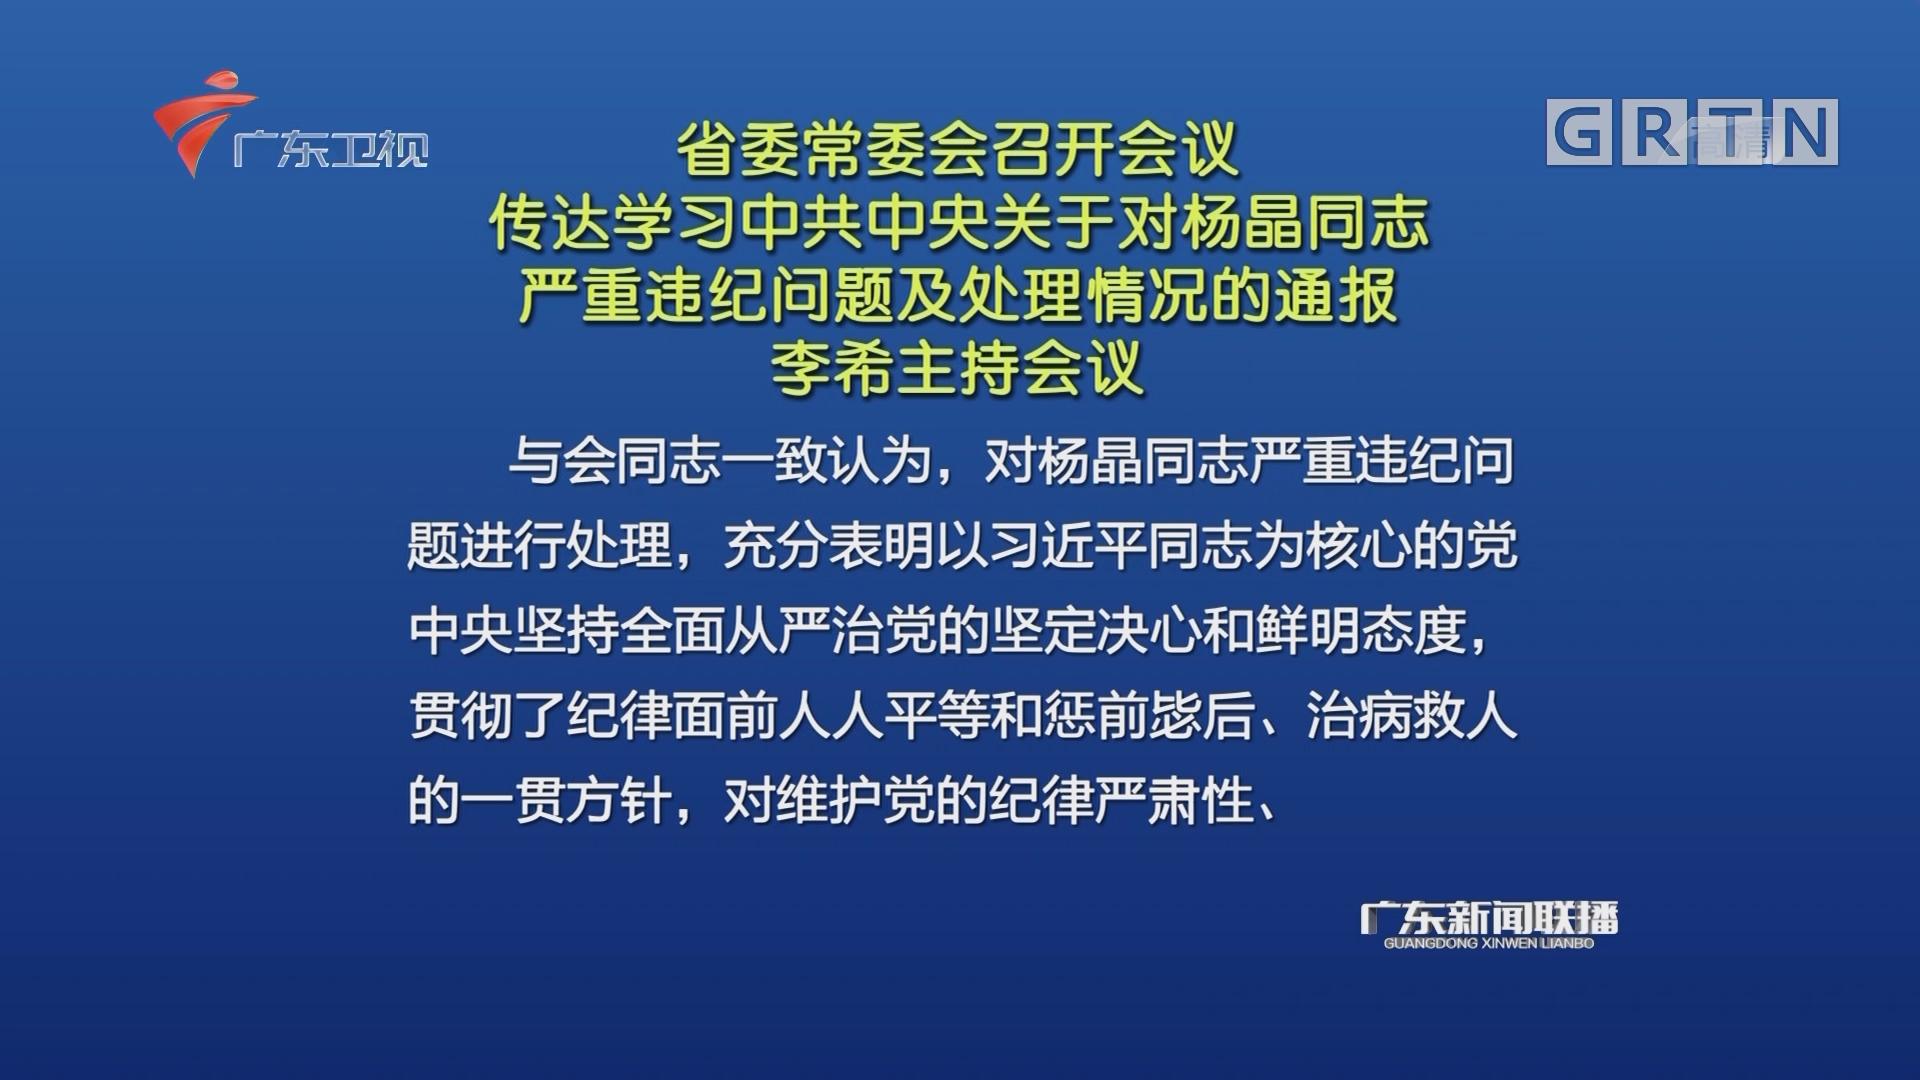 省委常委会召开会议 传达学习中共中央关于对杨晶同志严重违纪问题及处理情况的通报 李希主持会议